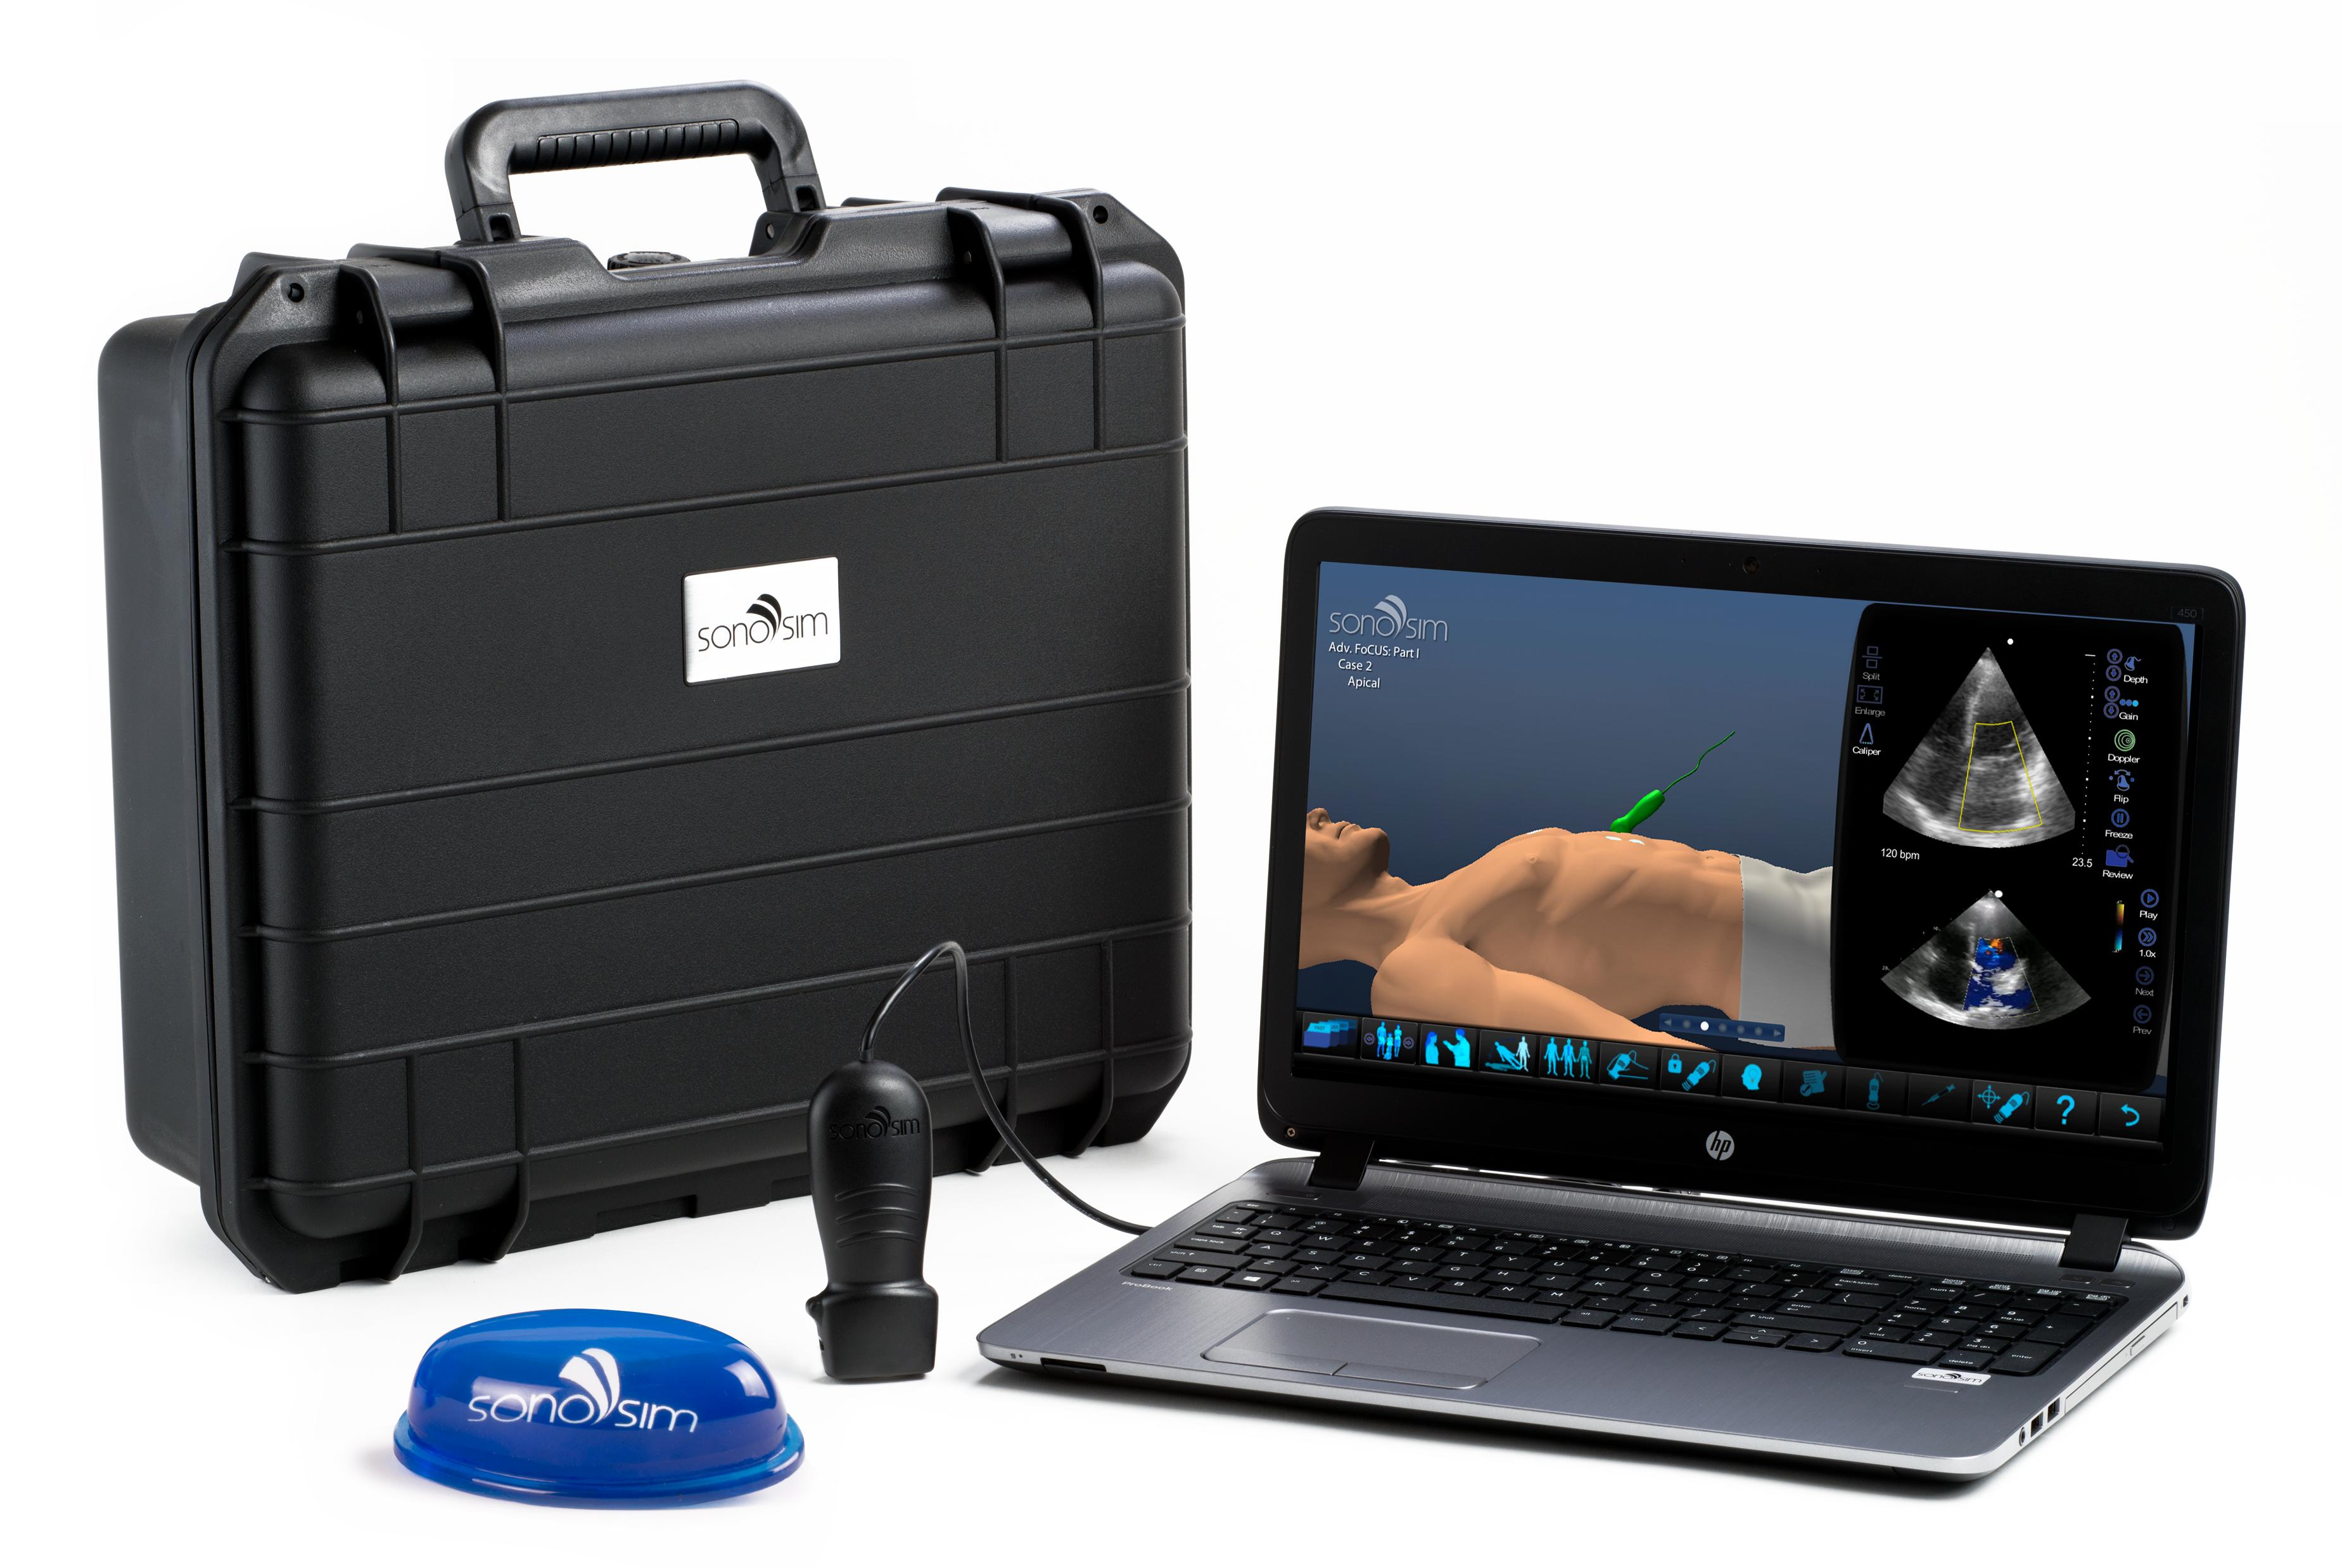 Персональный онлайн-курс ультразвукового обучения, который позволяет врачам готовить дома с использованием персональных компьютеров